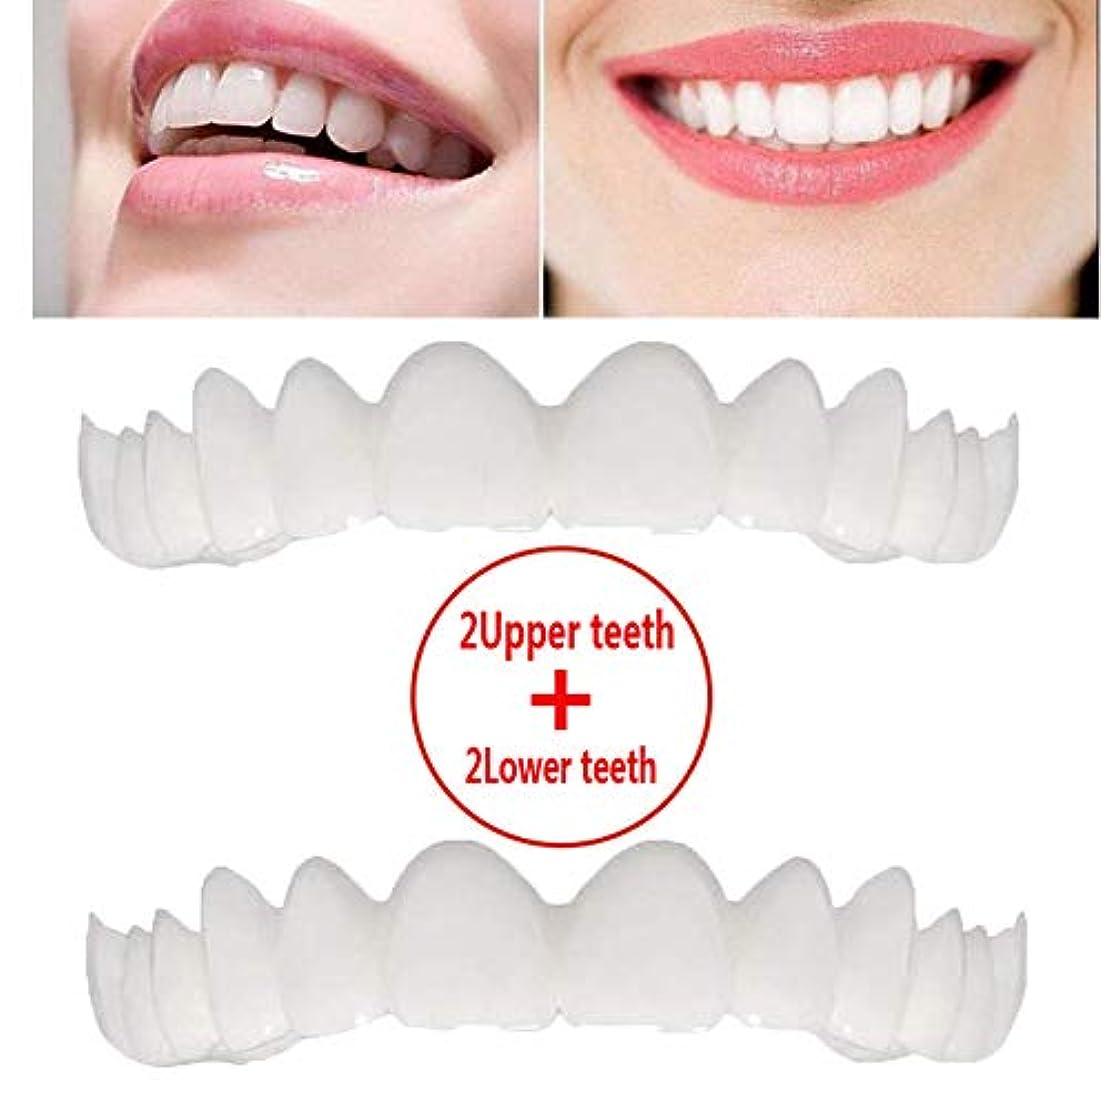 パット経済口ひげ2組の一時的な化粧品の歯の義歯の歯の化粧品の模倣されたブレース上部のブレース+下部のブレース